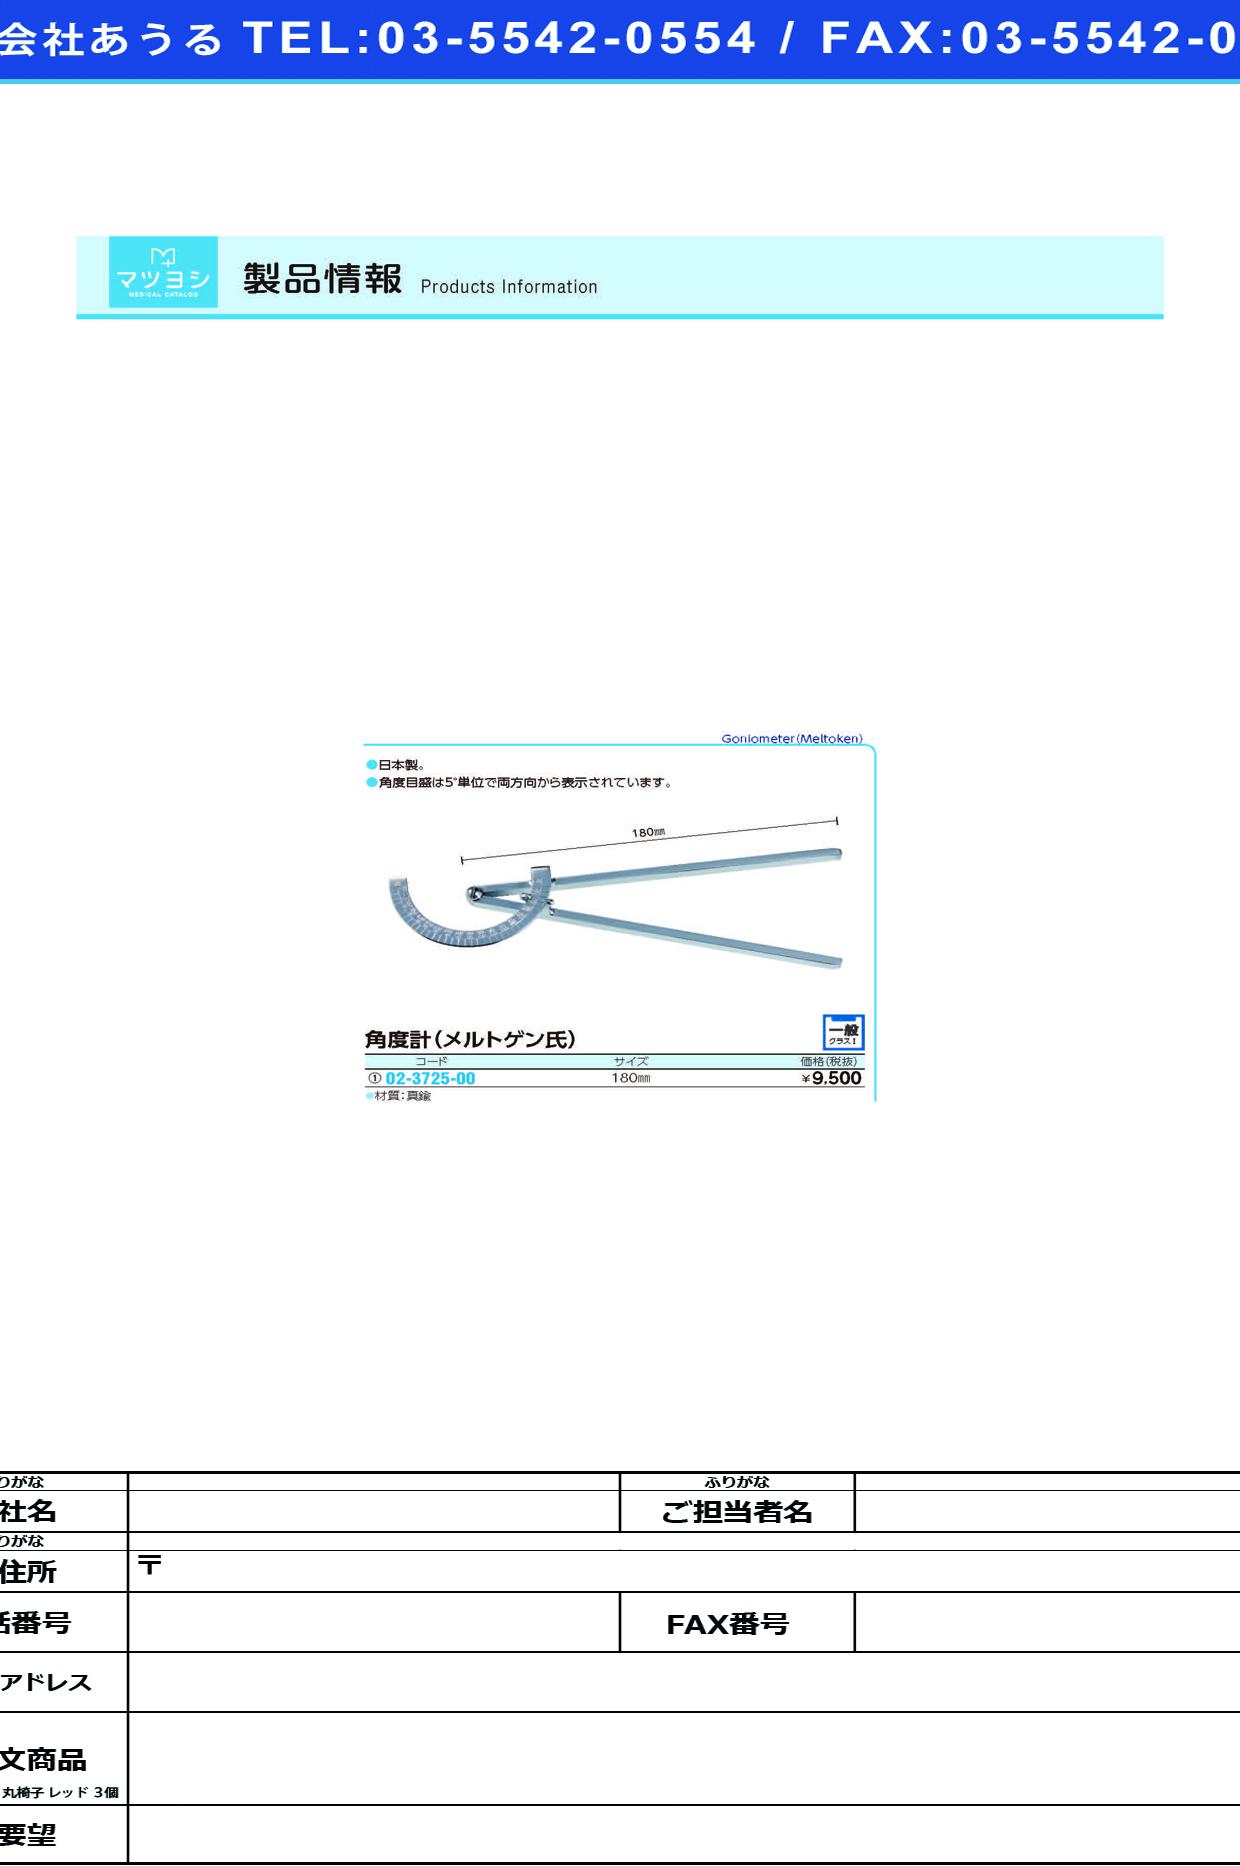 (02-3725-00)角度計(メルトゲン氏) 180MM カクドケイ【1個単位】【2019年カタログ商品】